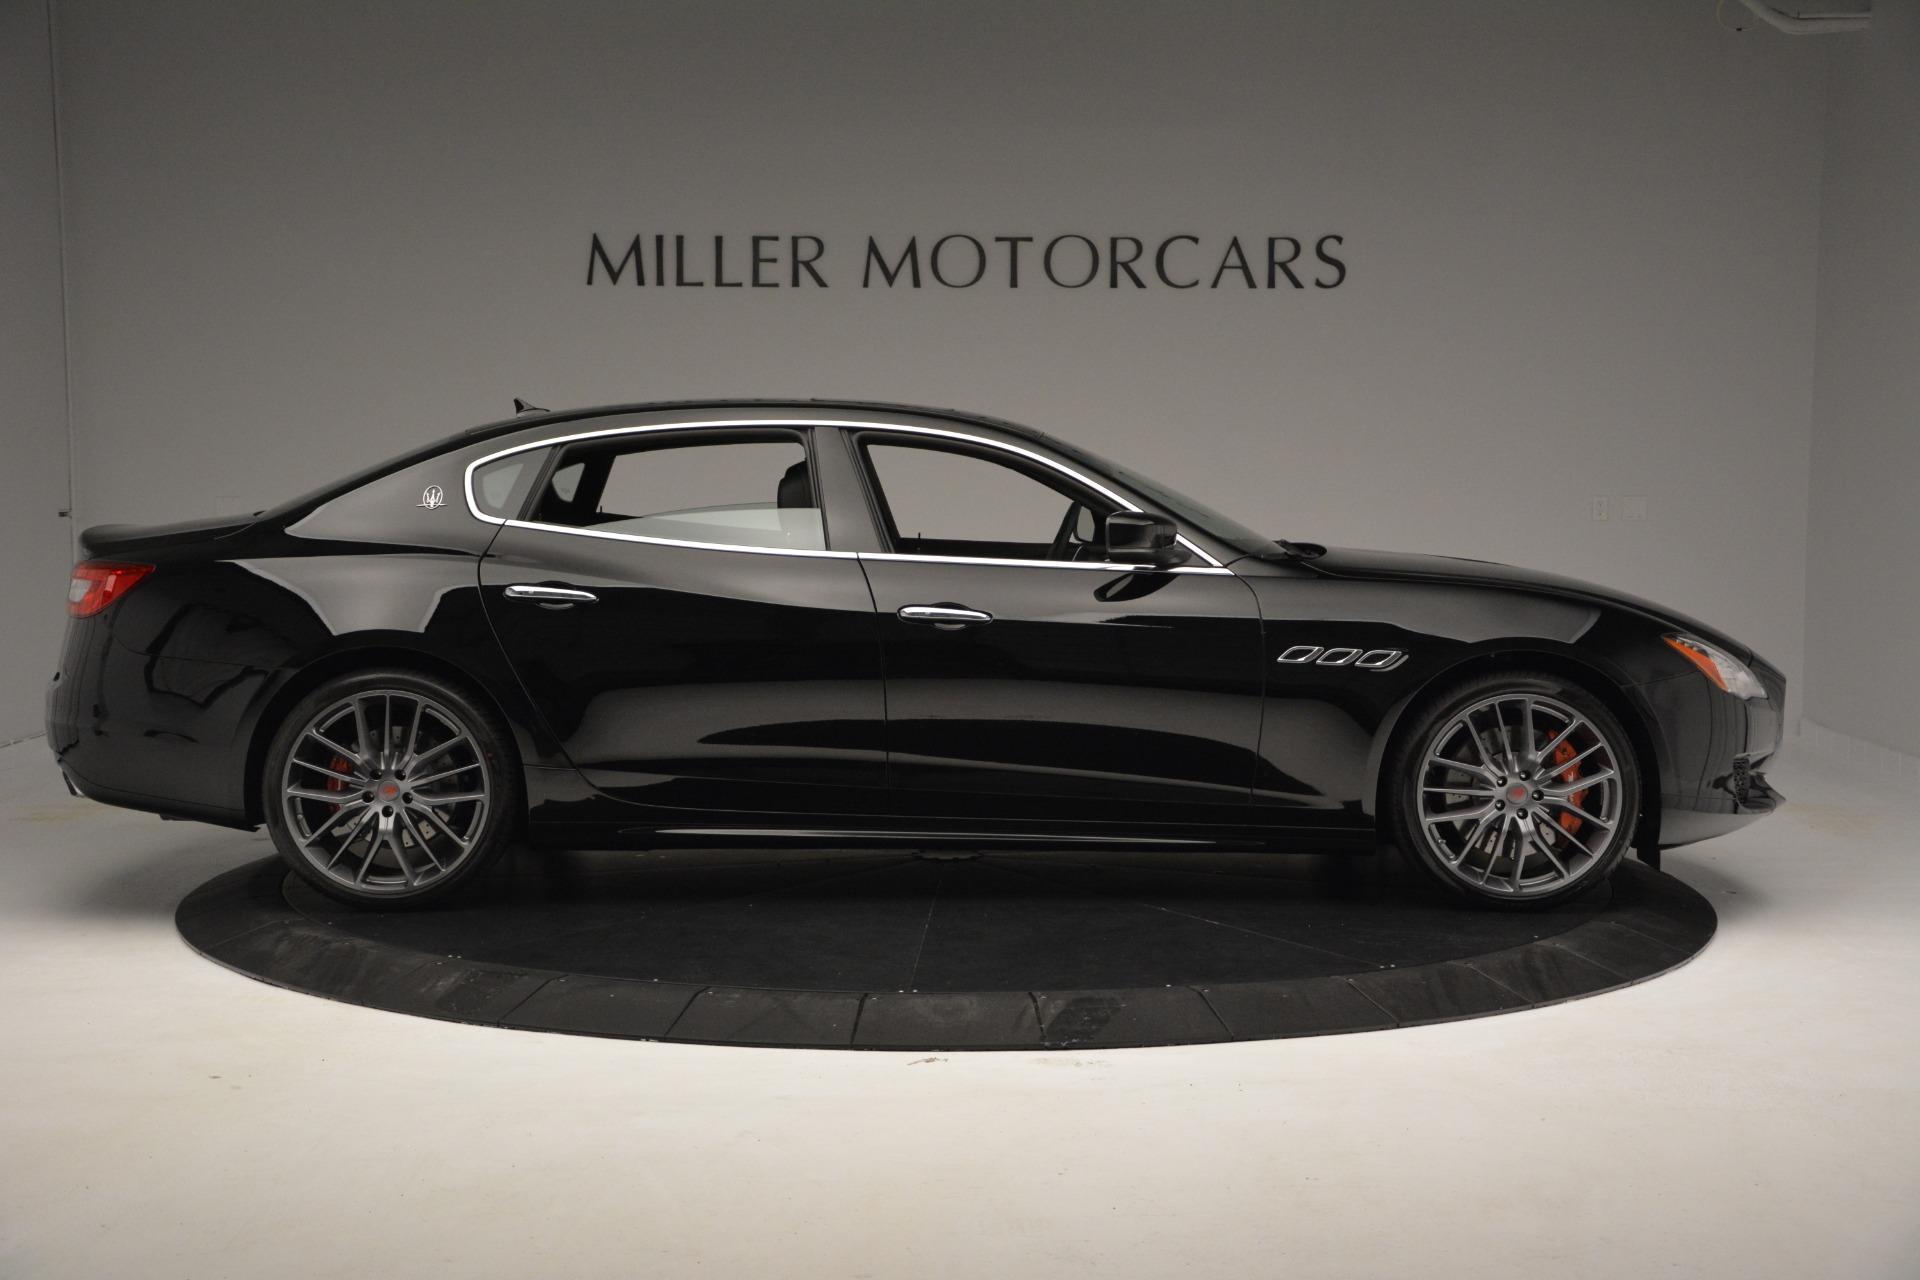 Used 2015 Maserati Quattroporte GTS For Sale In Greenwich, CT 2993_p9